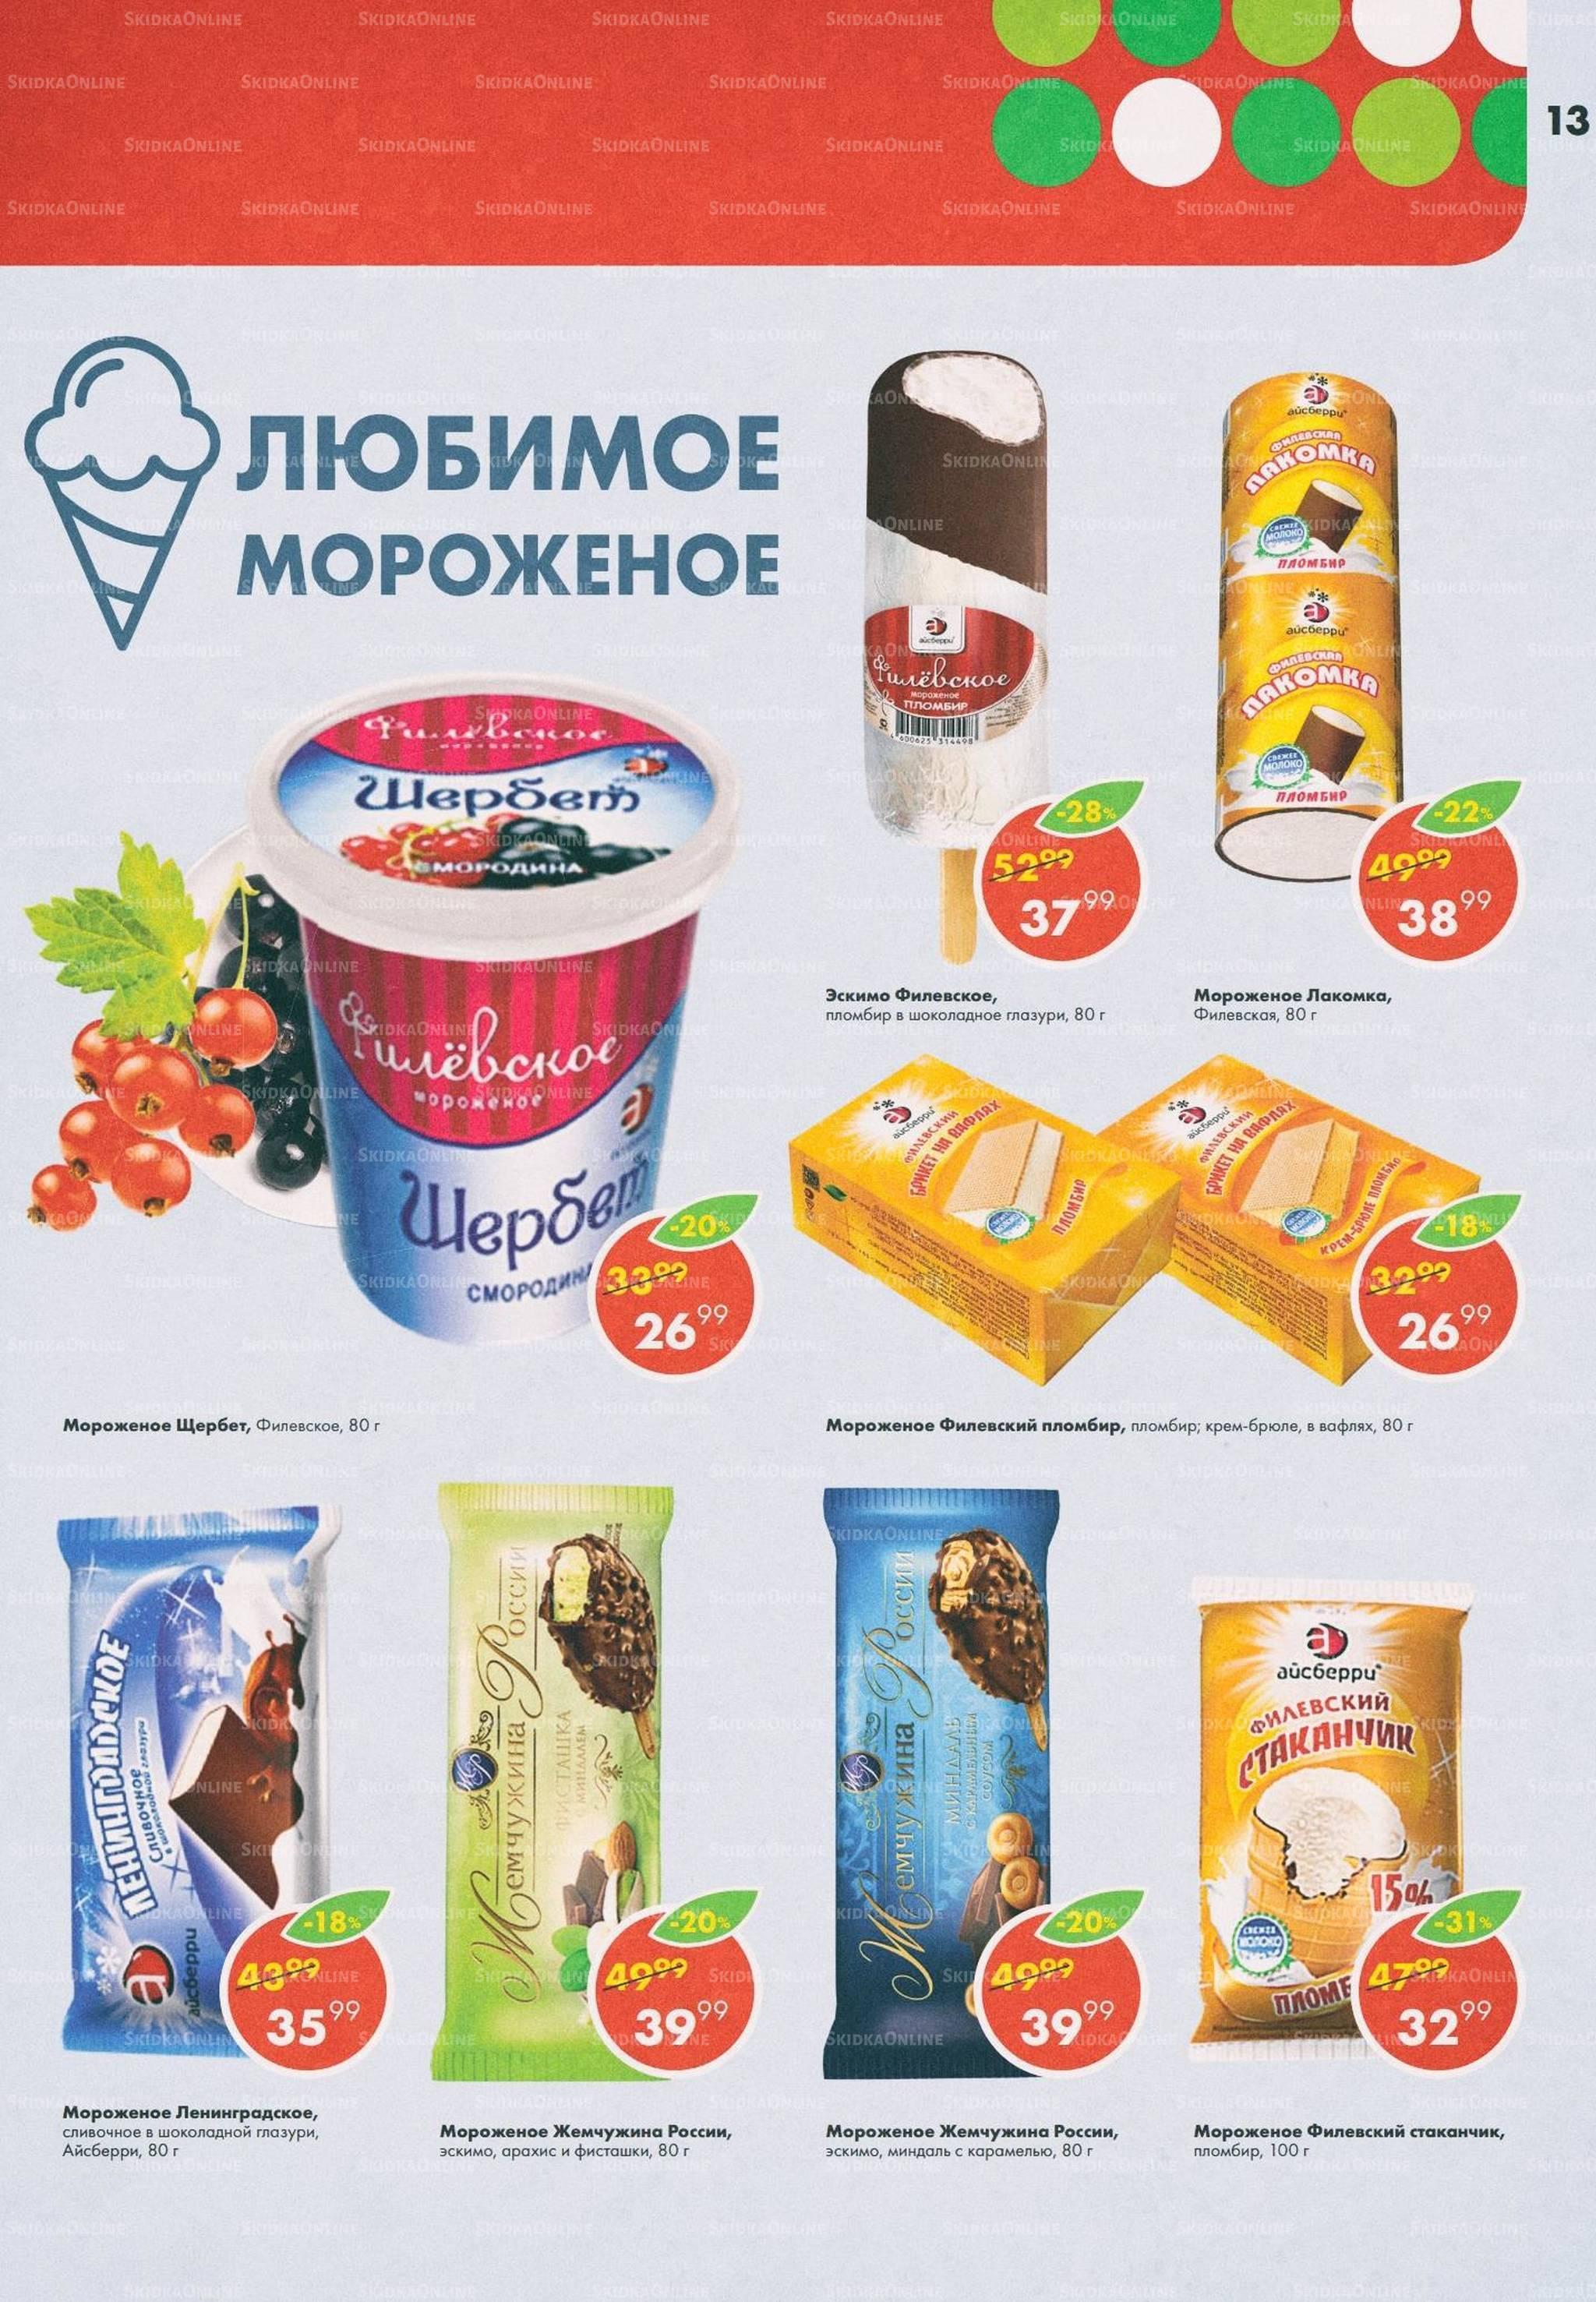 Акции в Пятёрочке с 24 по 30 июля 2018 года